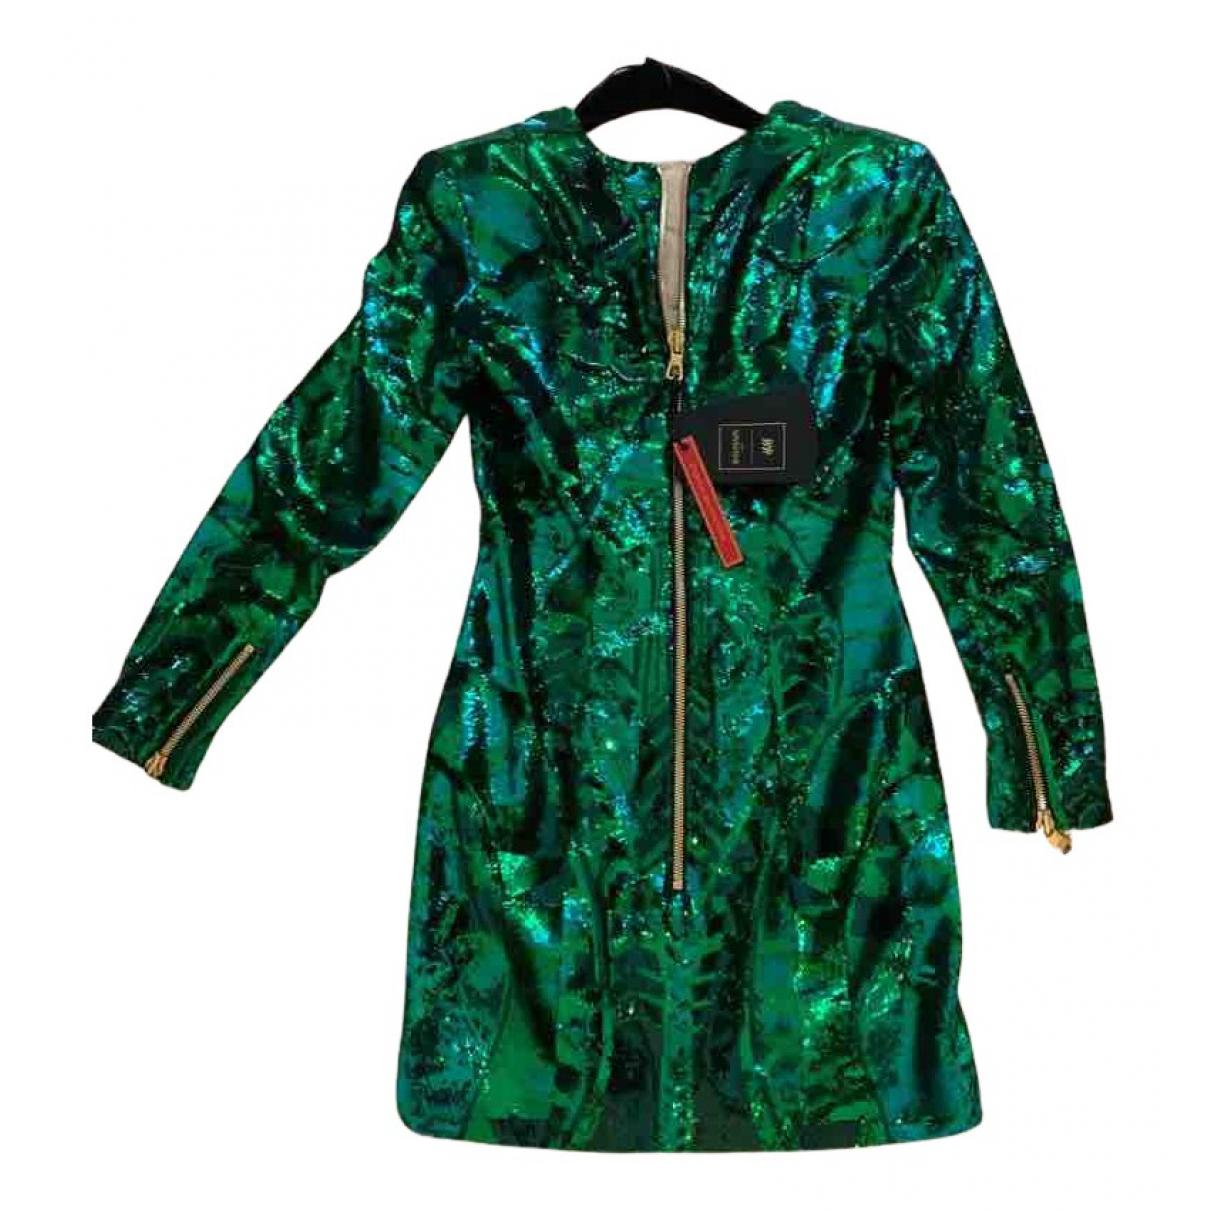 Balmain For H&m \N Kleid in  Gruen Mit Pailletten